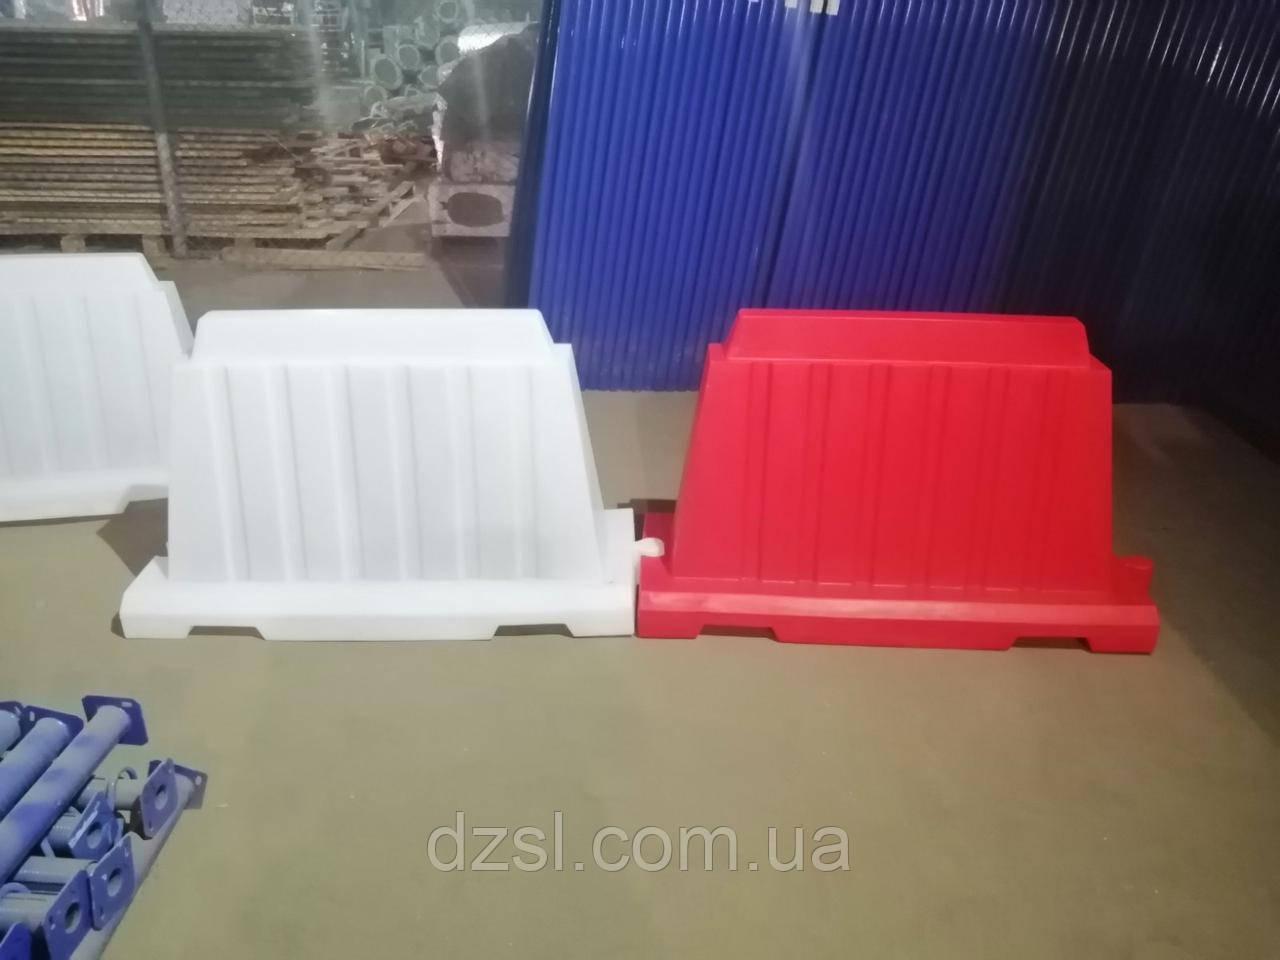 Дорожное ограждение Блоки Дорожные барьеры 1.2 (м)